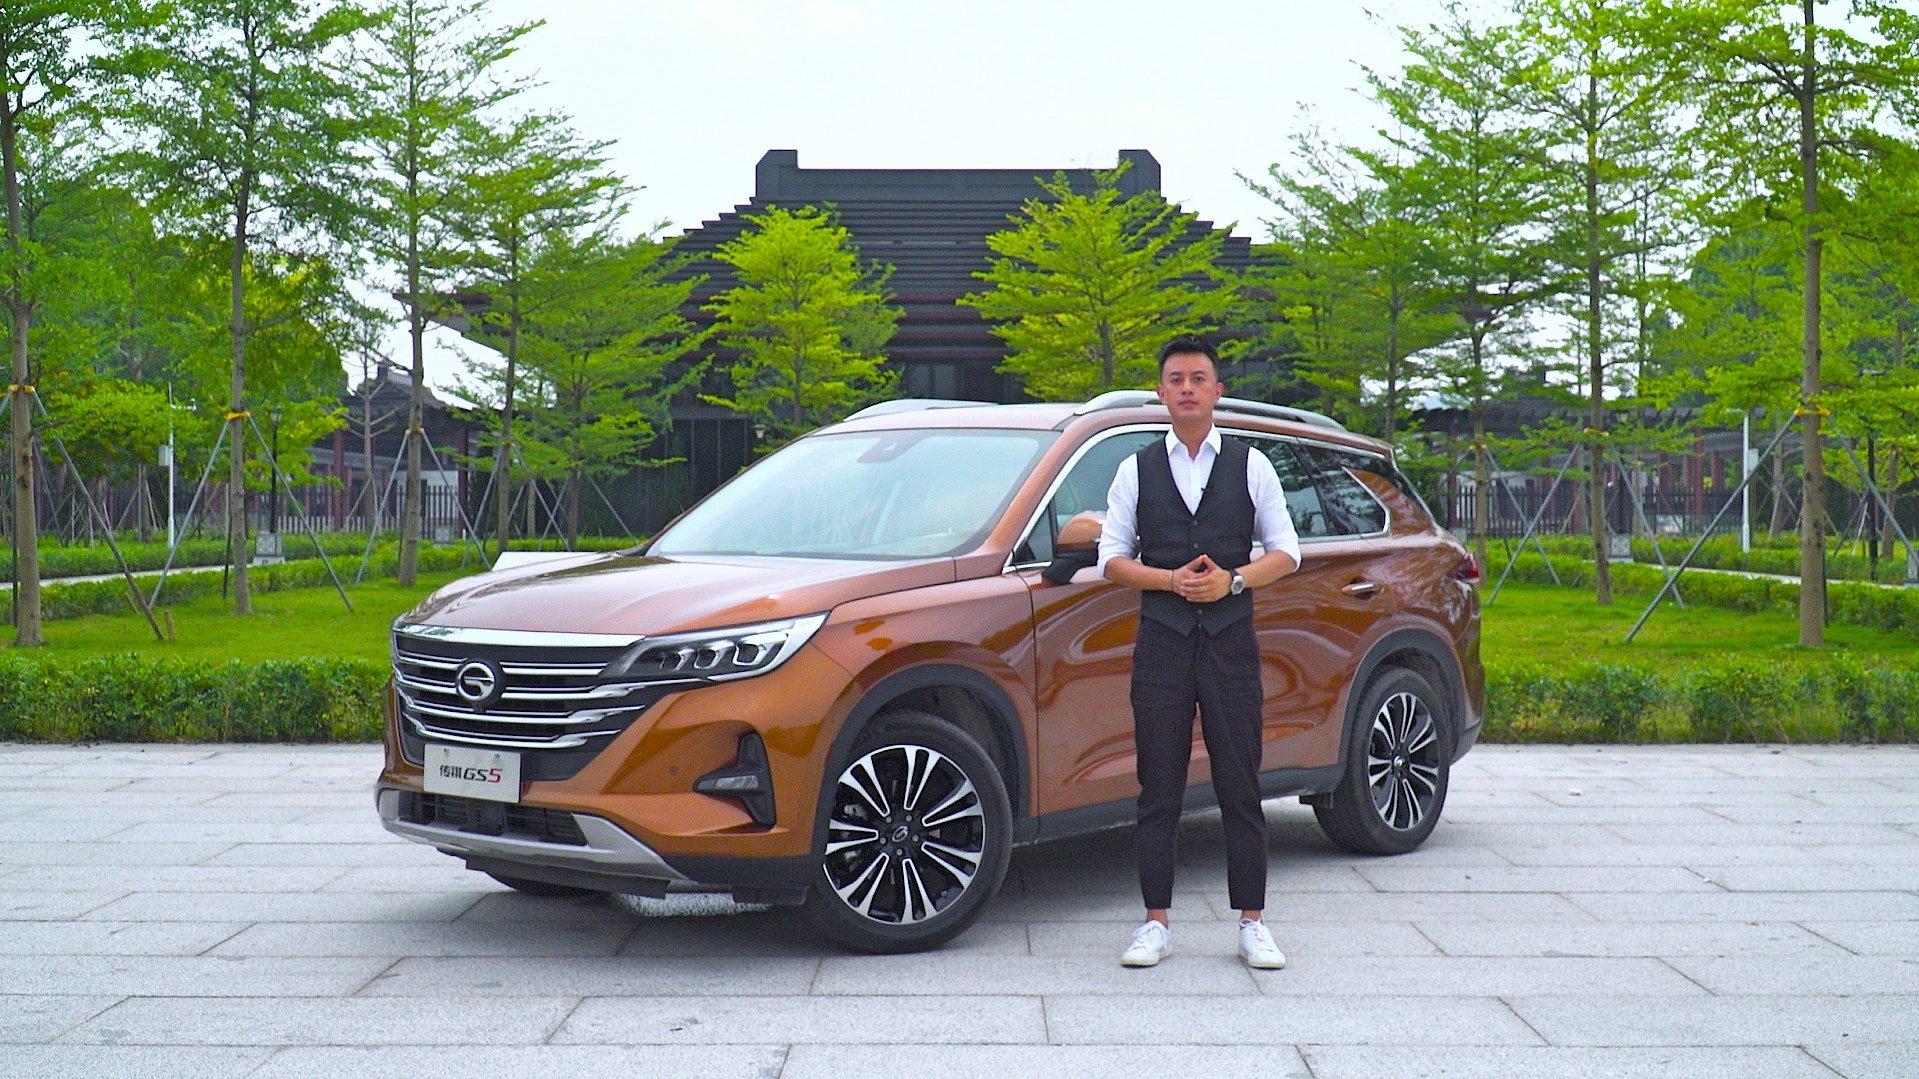 视频:这就是10万出头能买到颜值最高的SUV?传祺GS5体验!